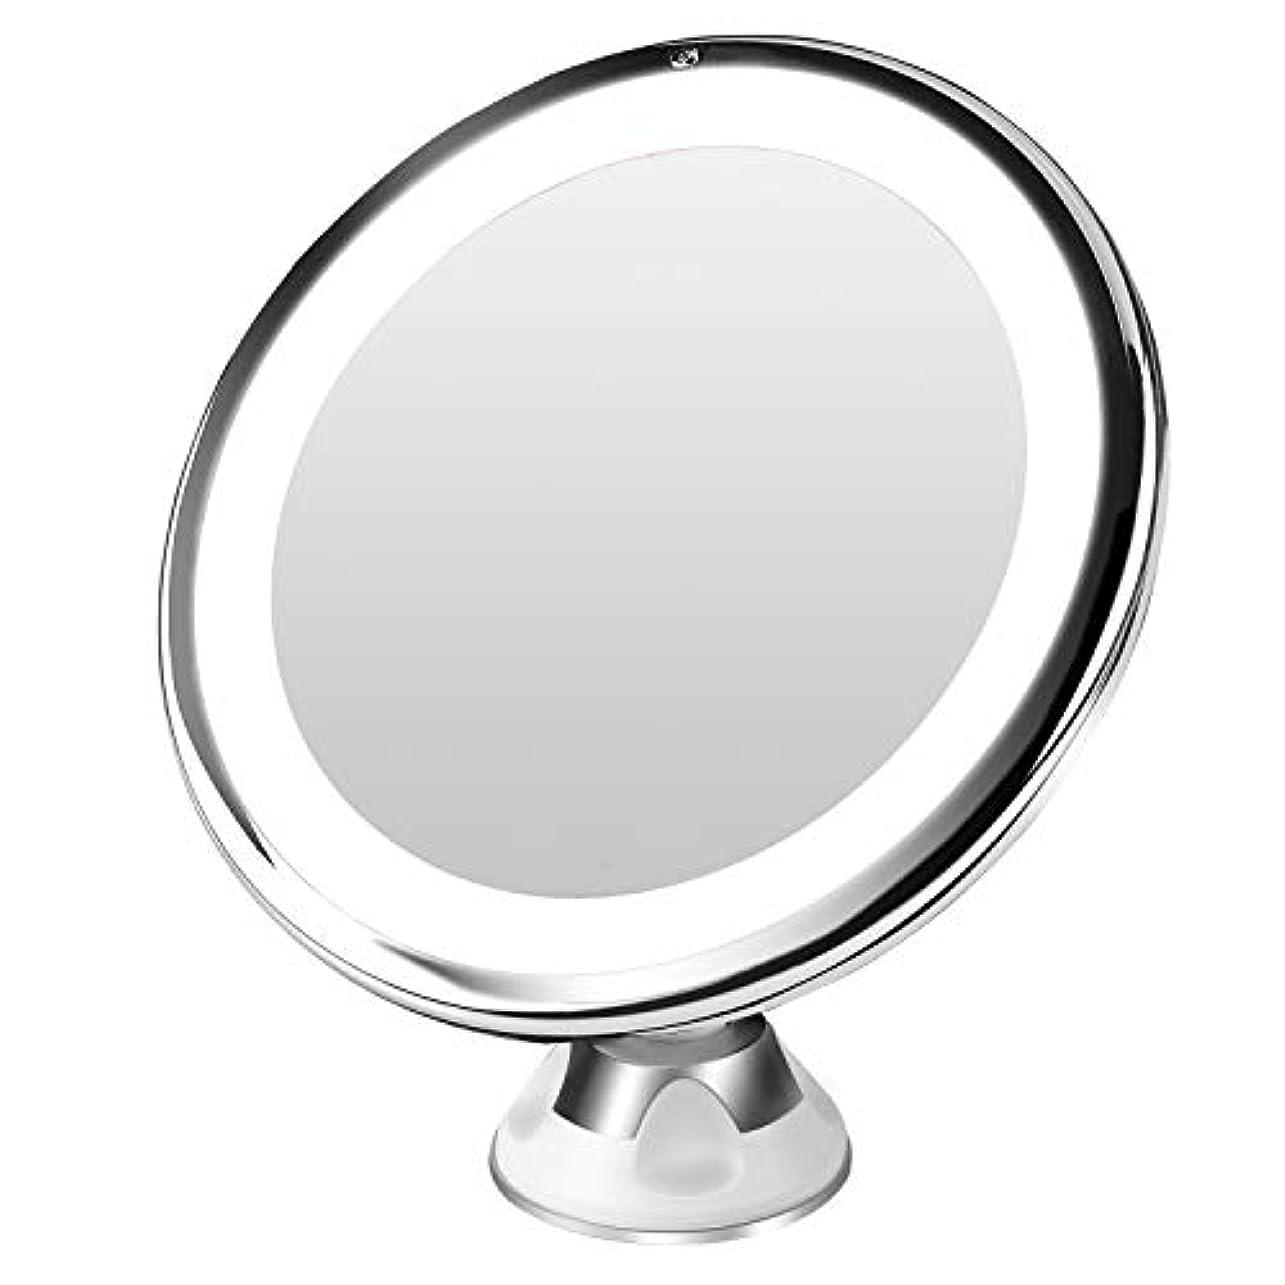 非行文芸見分けるBESTOPE 10倍拡大鏡 LED化粧鏡 浴室鏡 卓上鏡 曇らないミラー 吸盤ロック付きLEDミラー 壁掛けメイクミラー 360度回転スタンドミラー 単四電池&USB給電(改良版)